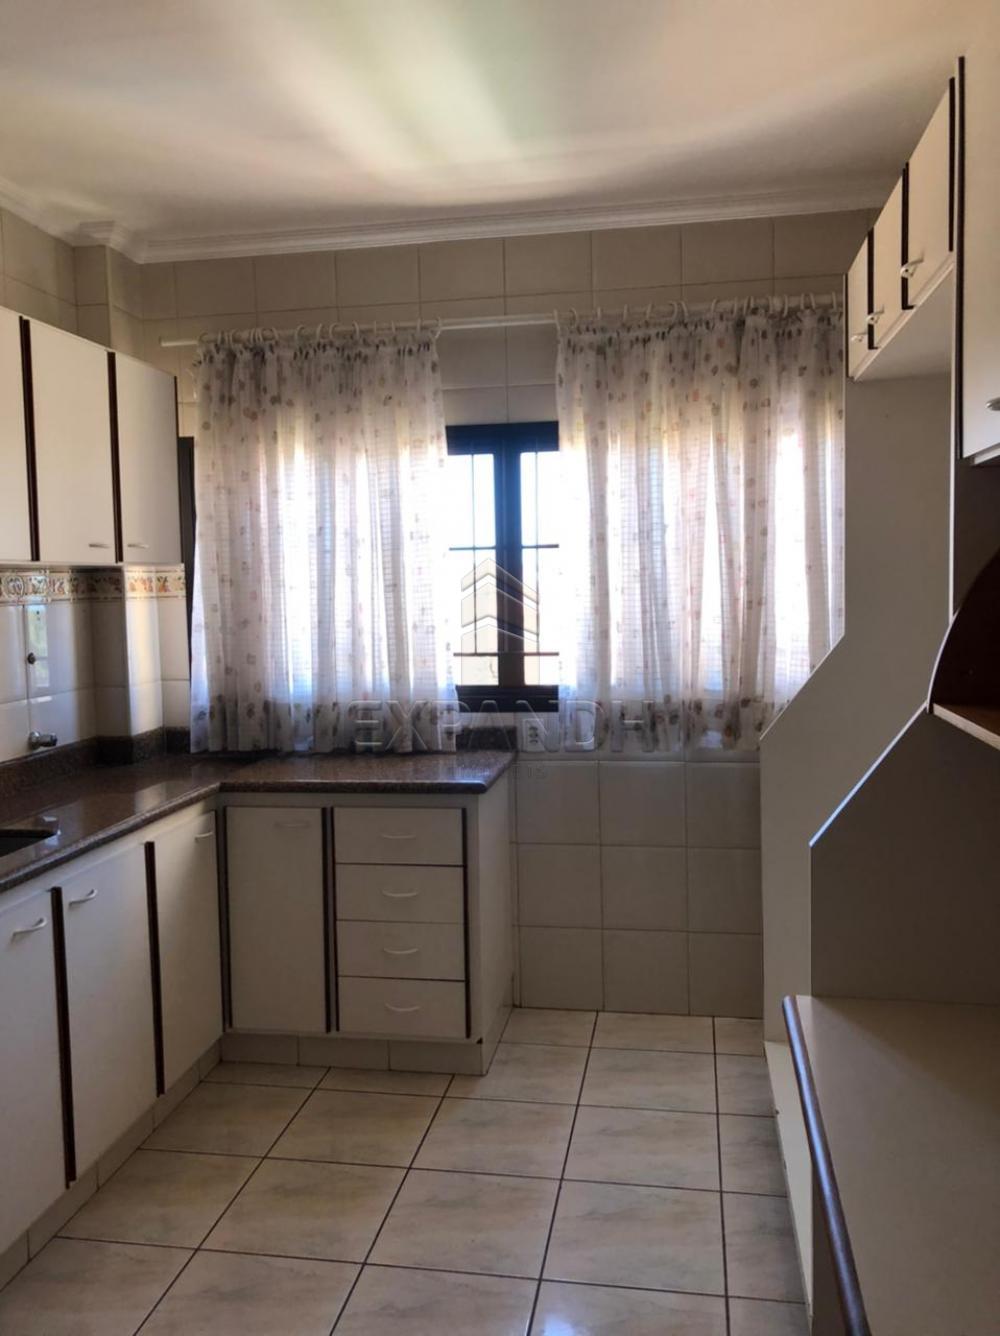 Alugar Apartamentos / Padrão em Sertãozinho R$ 1.350,00 - Foto 5